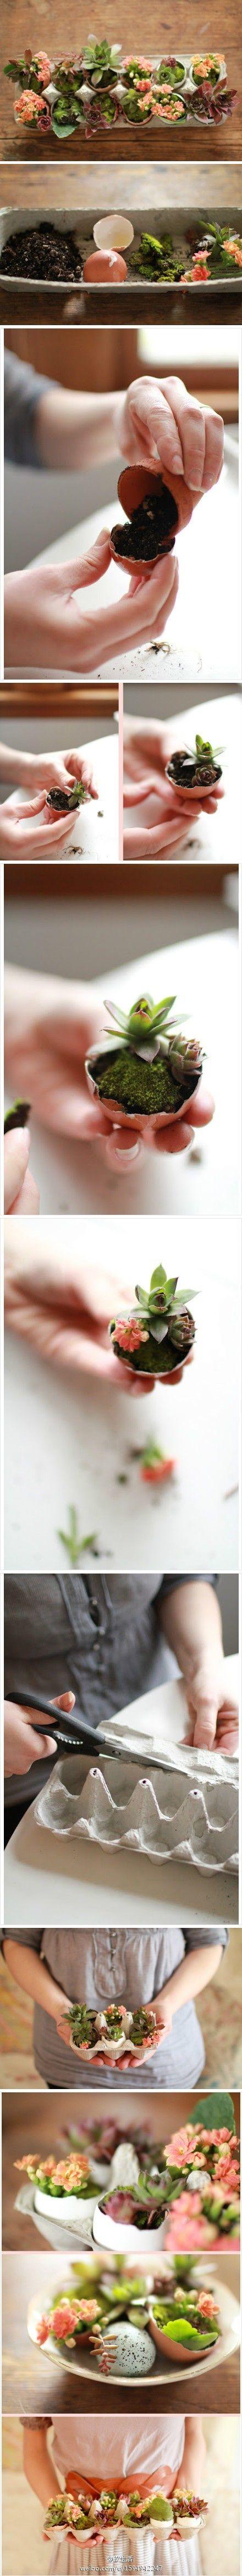 Eggshell garden. Possible birthday gift for mom?